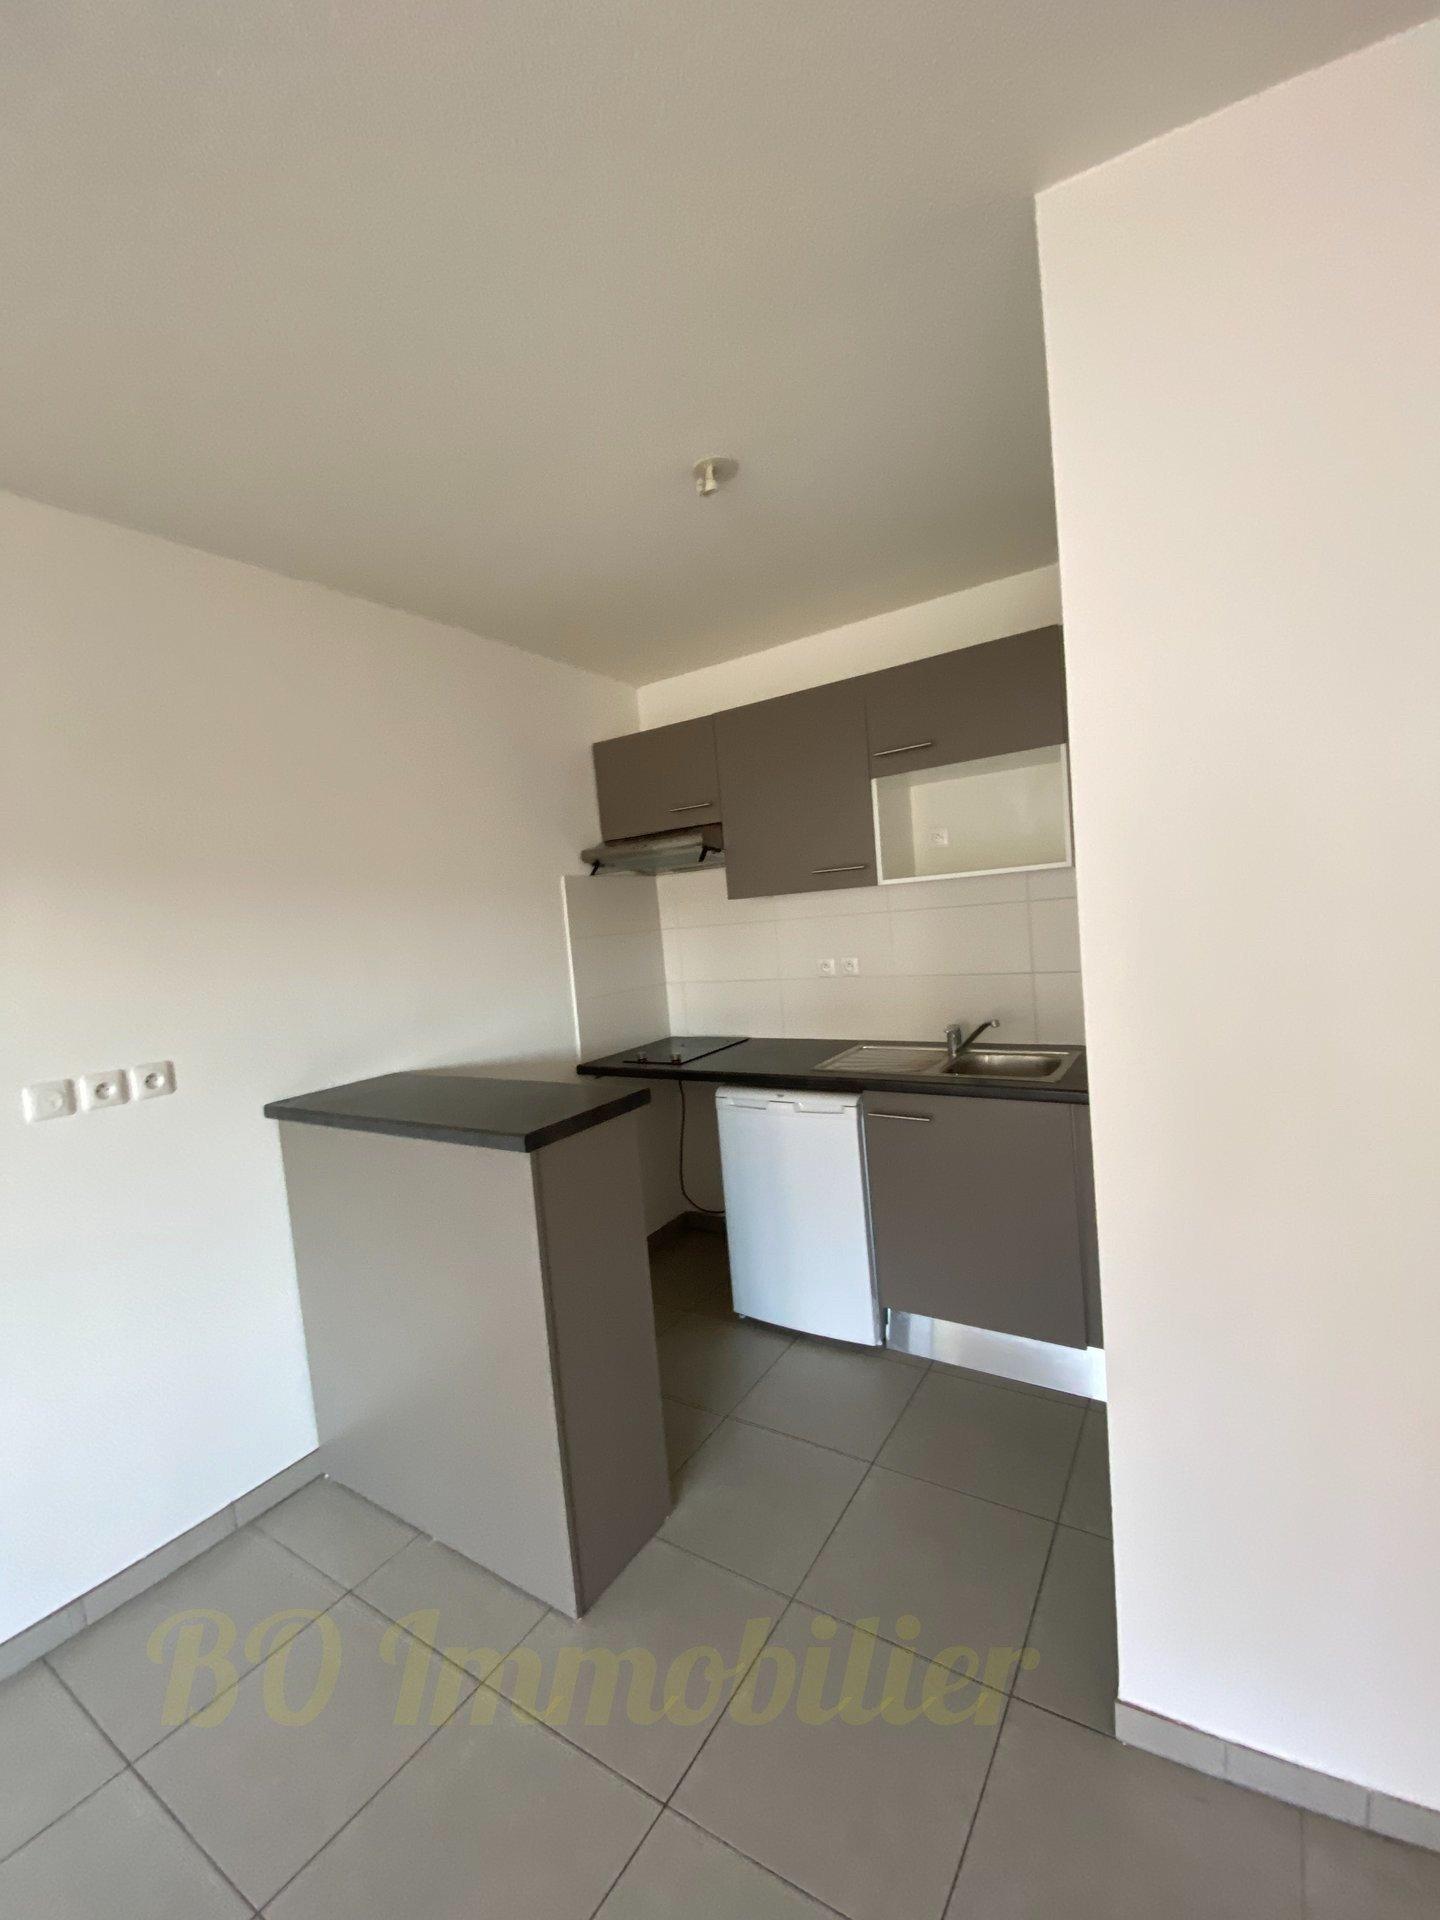 Appartement 2p de 40.50m² + terrasse de 13.40m² + 1 place de parking